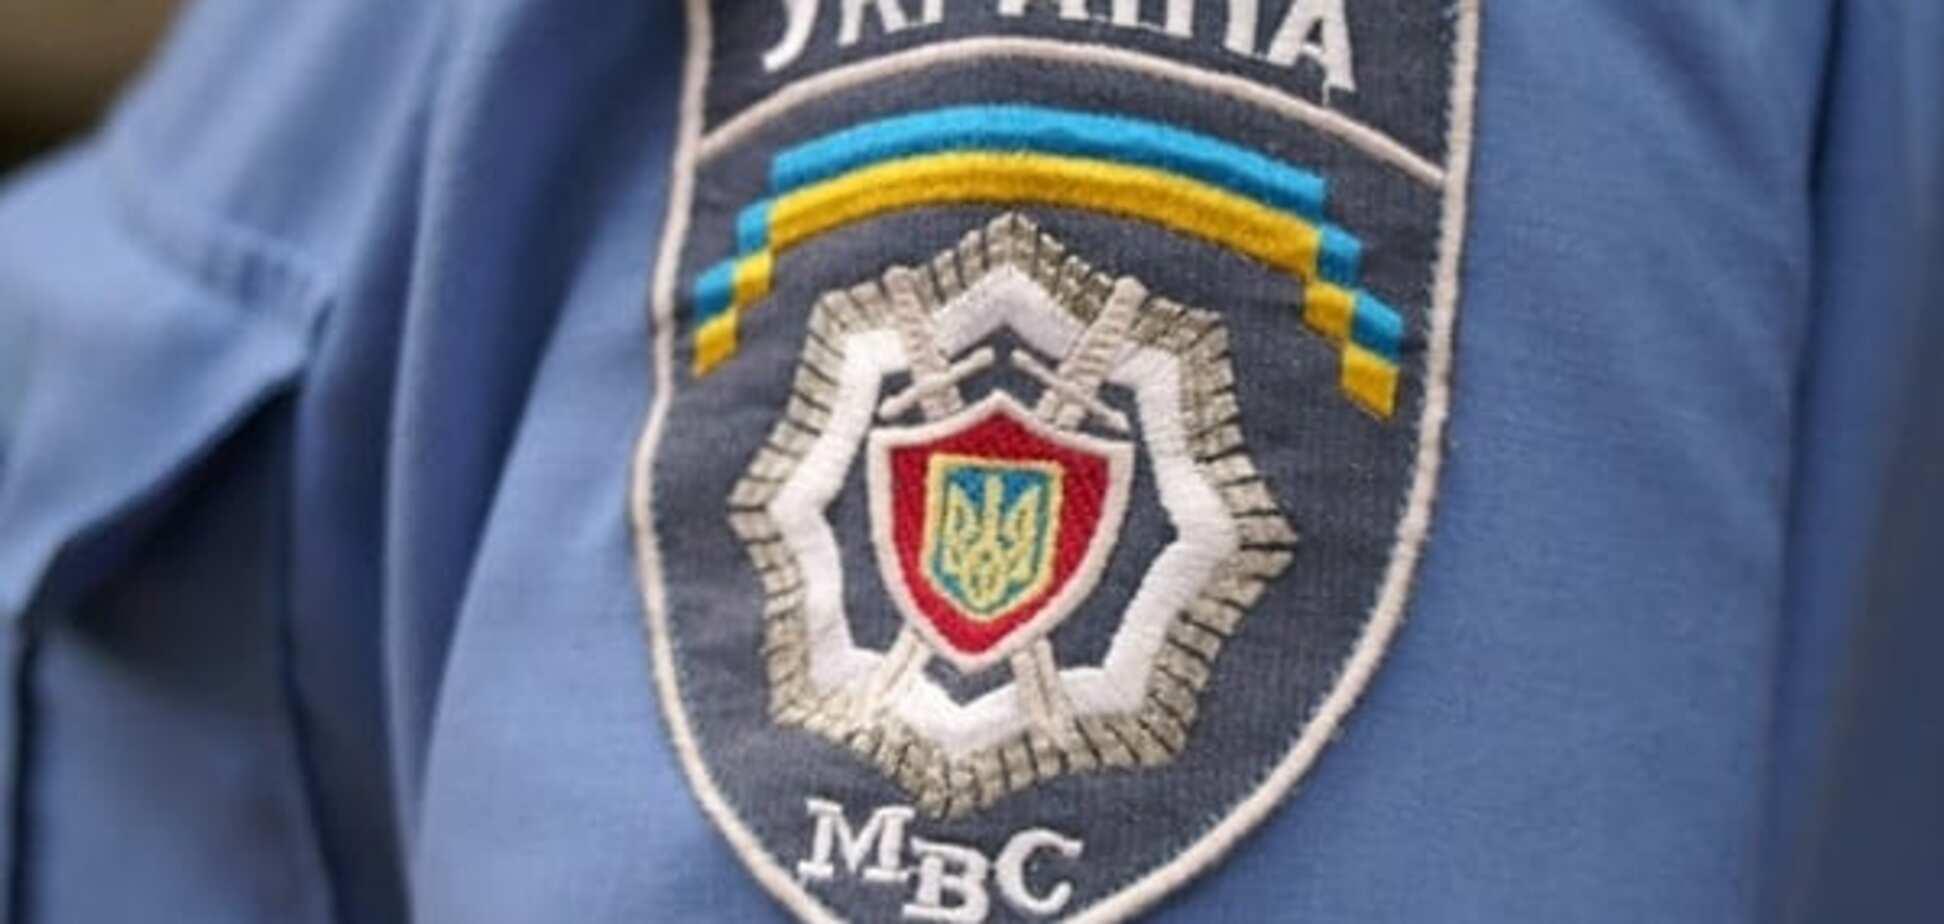 Главой одесской милиции стал сын банкира, причастного к 'выведению' 7 млрд вкладчиков